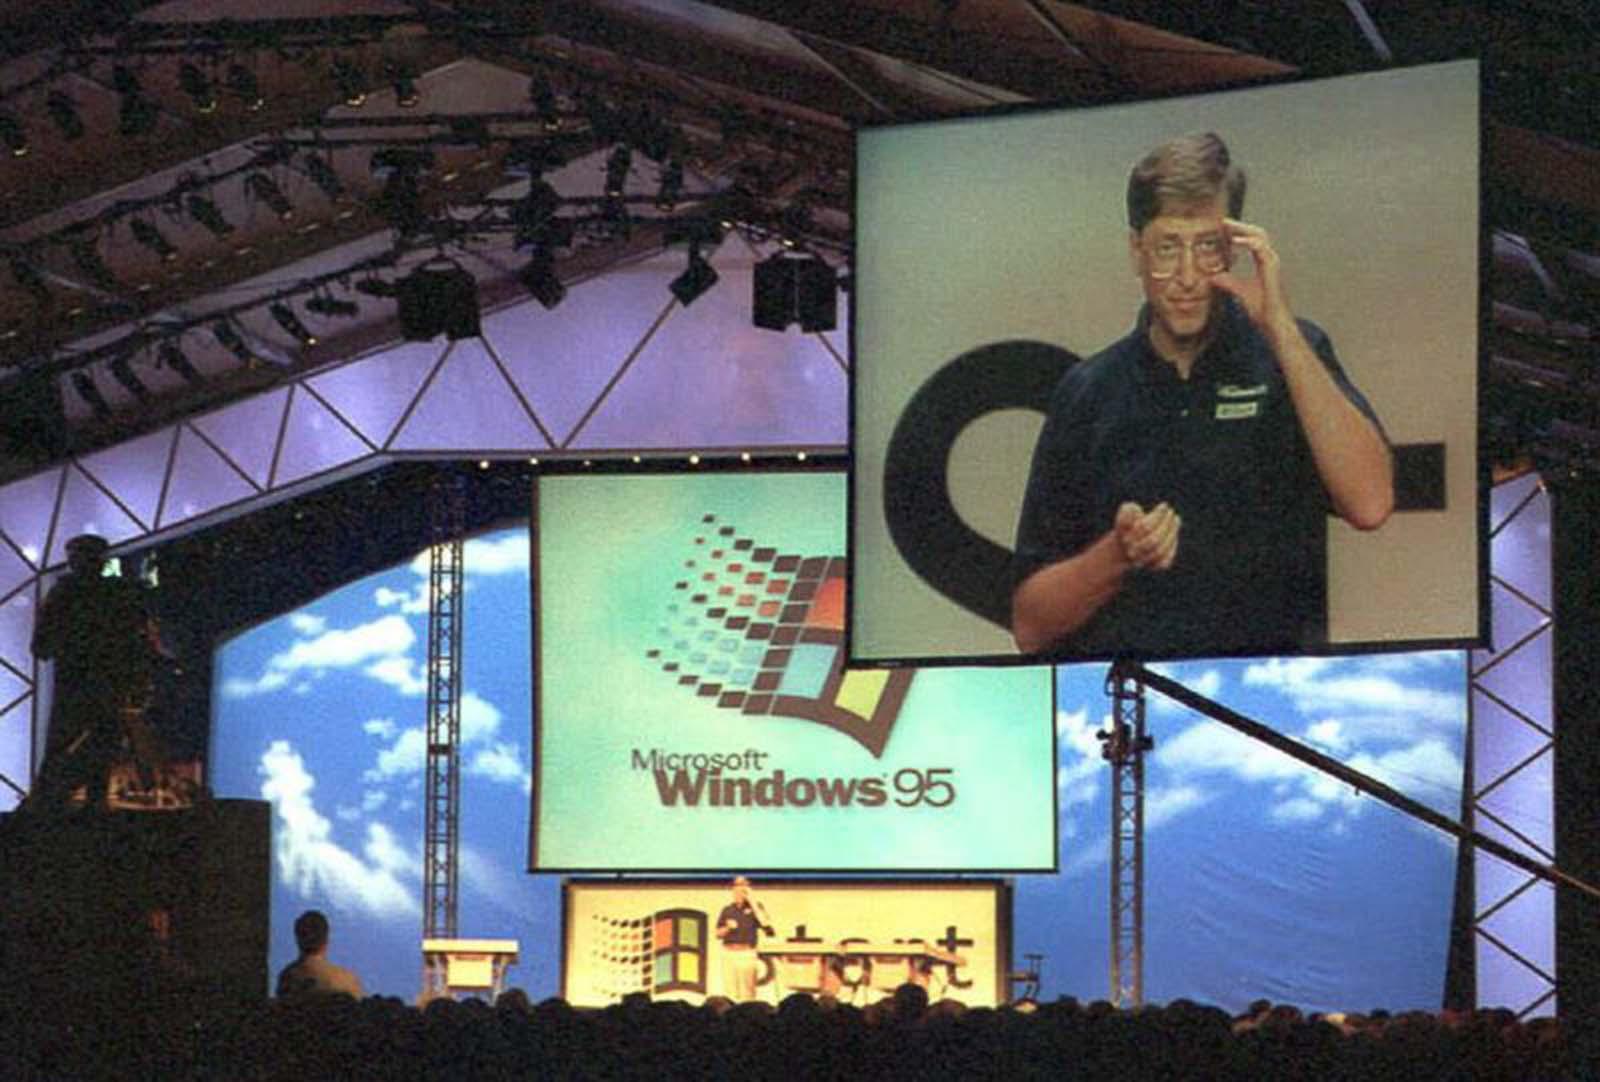 Windows 95 launch%2B%25286%2529 - Relembre a enorme histeria do lançamento do Windows 95 em 1995